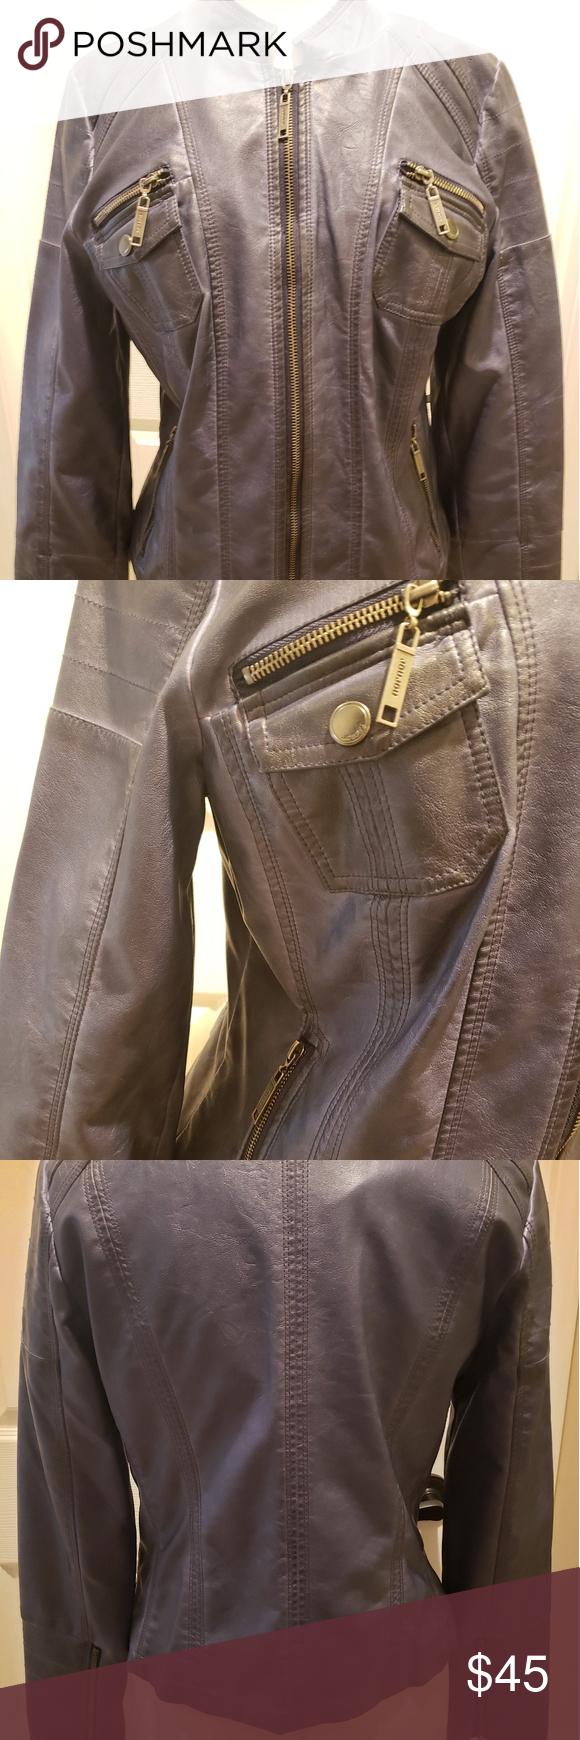 Jou Jou Jacket Blue Leather Jacket With Gold Zipper Details Jou Jou Jackets Coats Jackets Leather Jacket Blue Leather Jacket [ 1740 x 580 Pixel ]